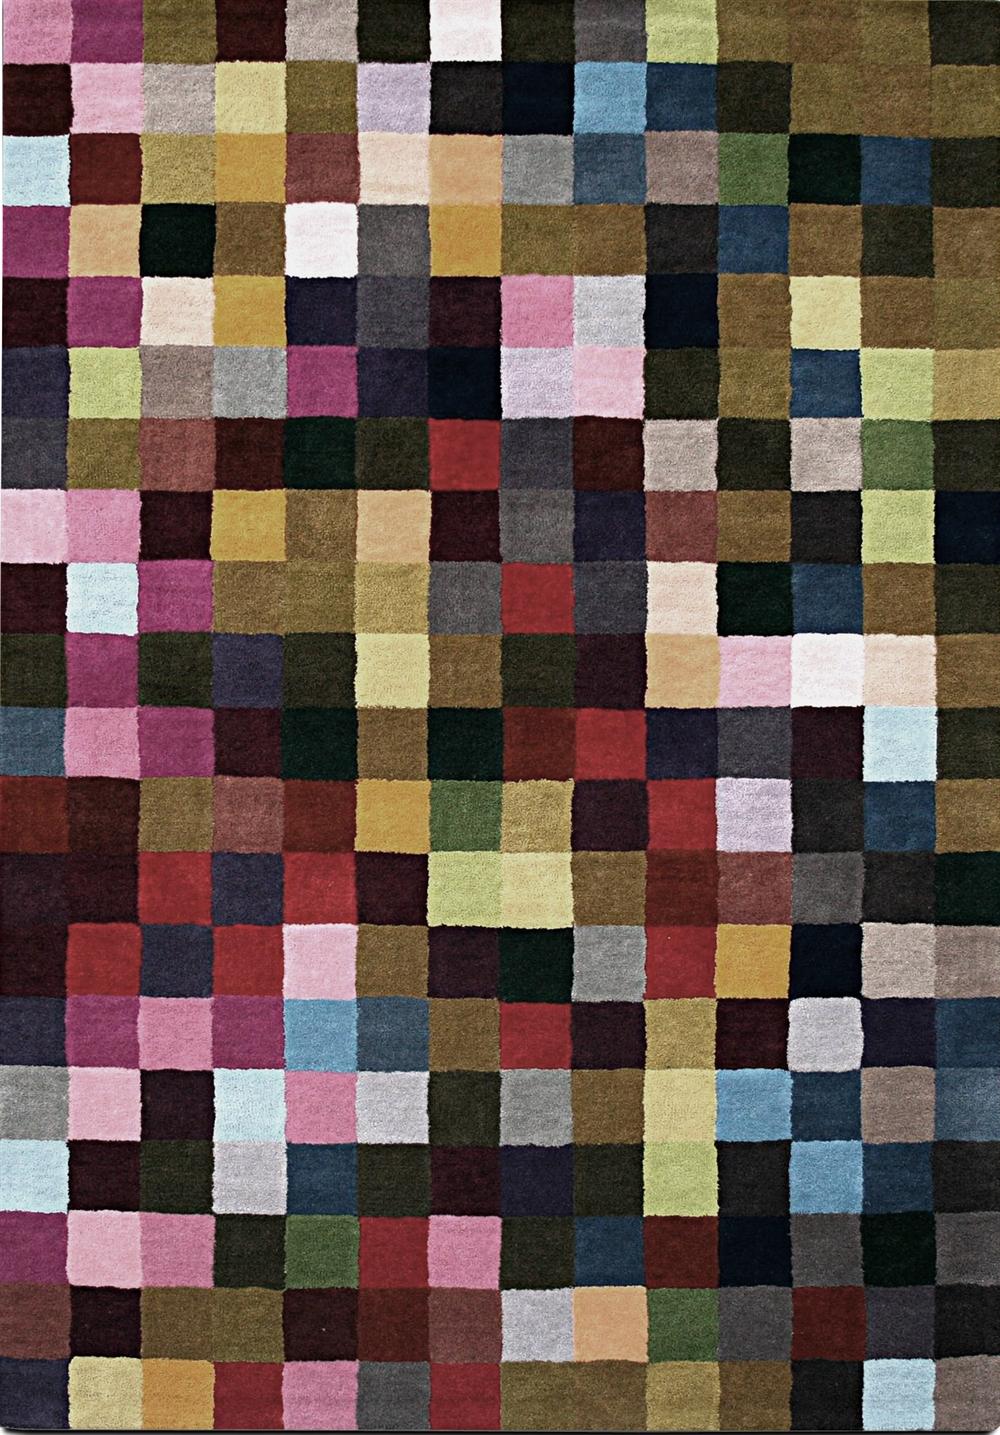 13 Pixel Rug boconcept pixel art pixelated pattern wzor w piksele interior design home decor ideas urzadzanie mieszkania projektowanie wnetrz kolory w domu